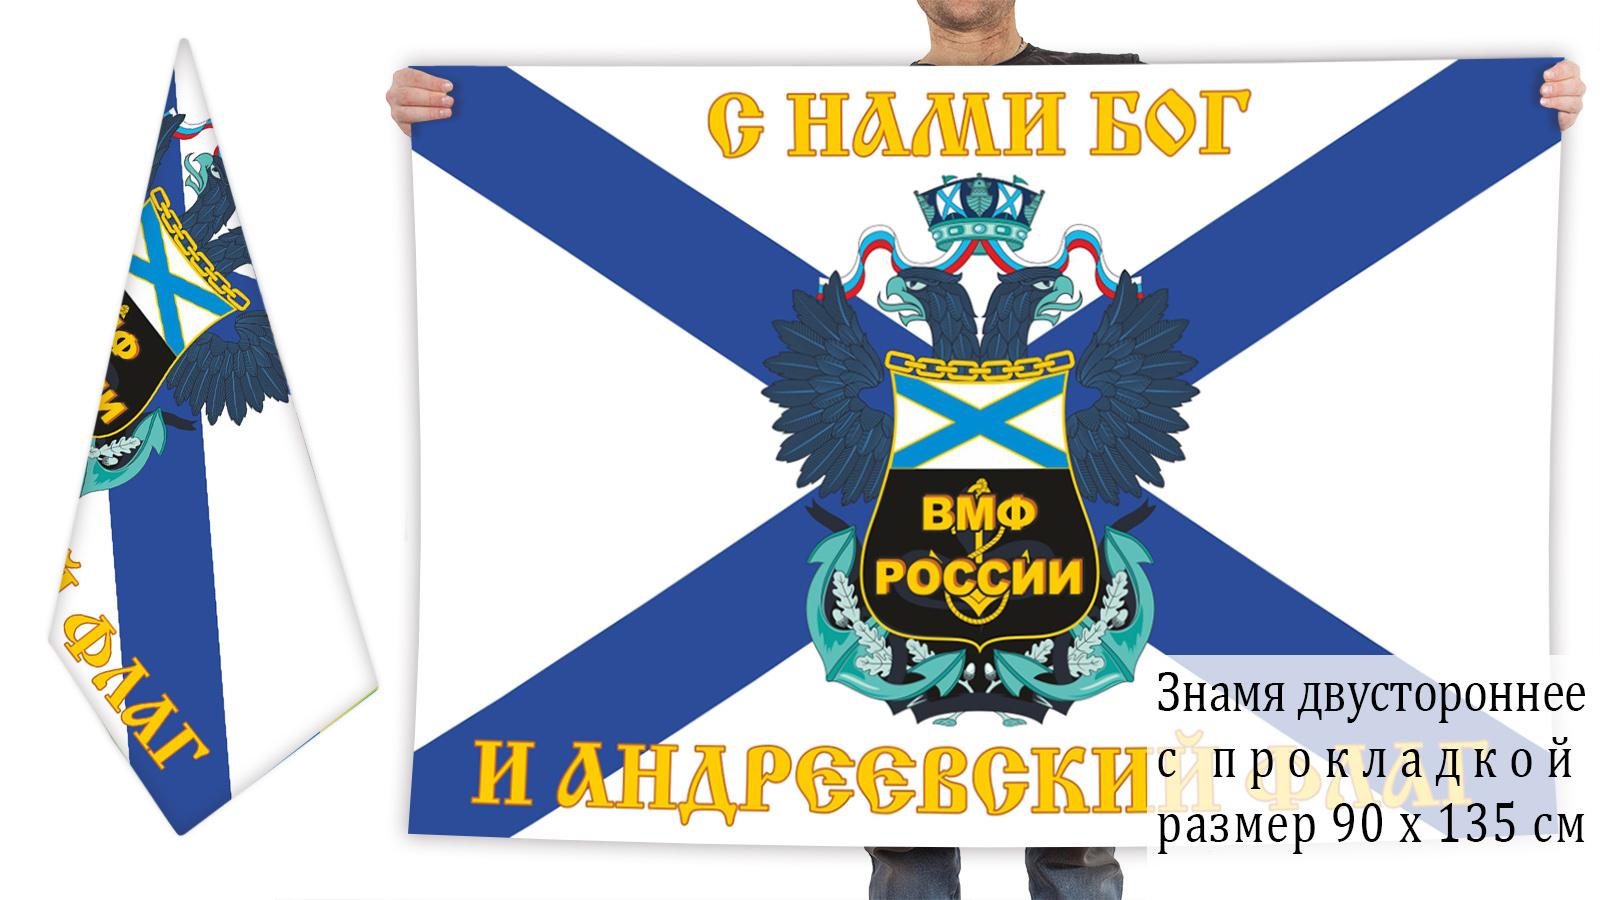 Двусторонний флаг Военно-морского флота России